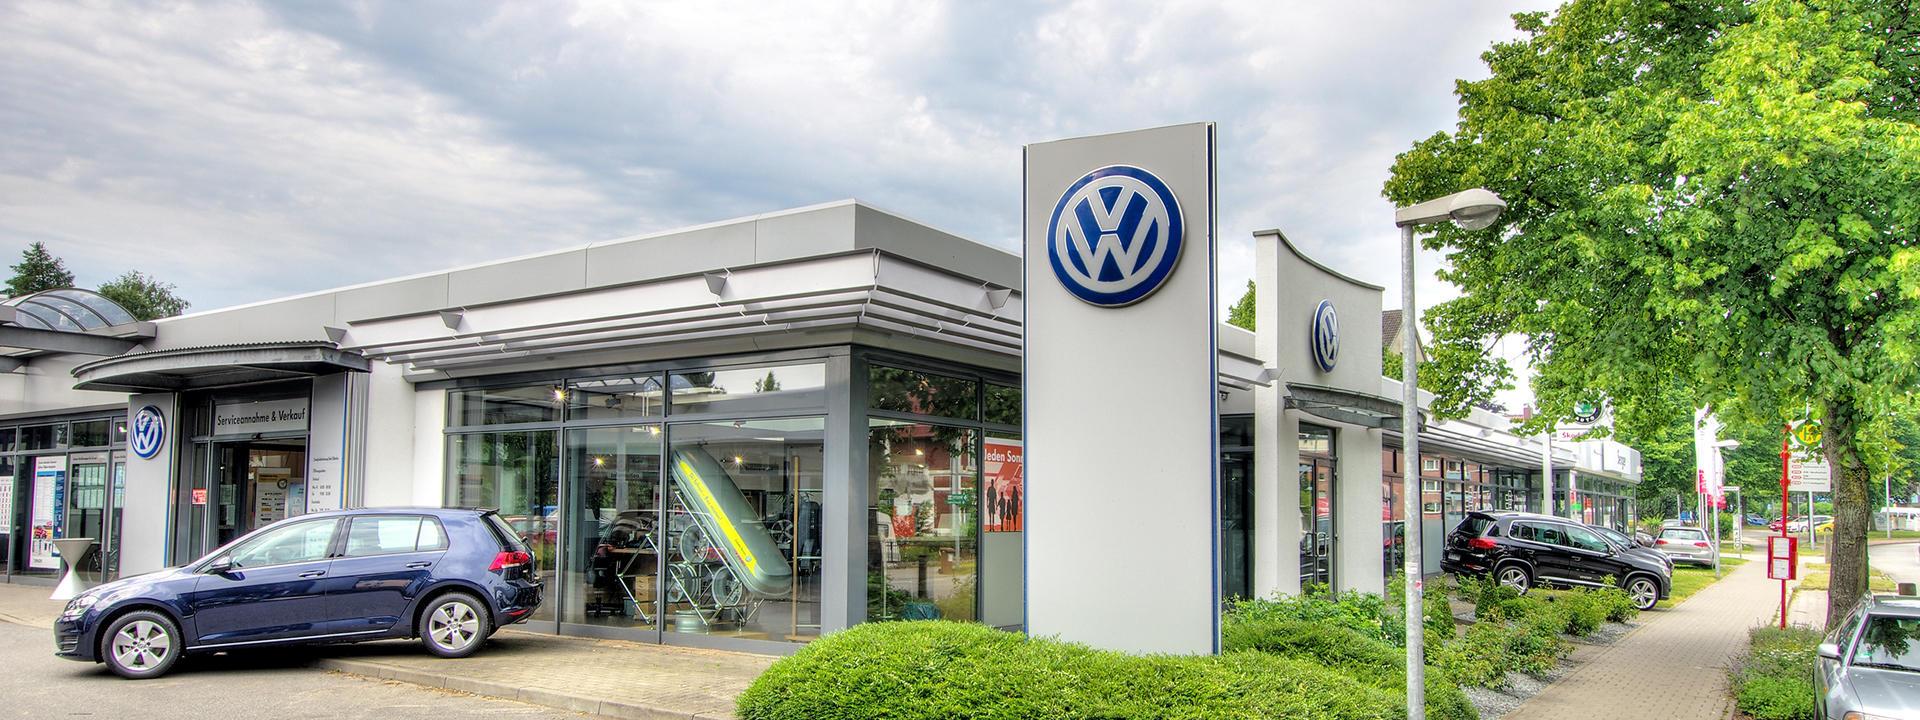 Bild der VW & Audi Verkauf & Service,  Skoda & VW Nutzfahrzeuge Service   Senger Holstein GmbH